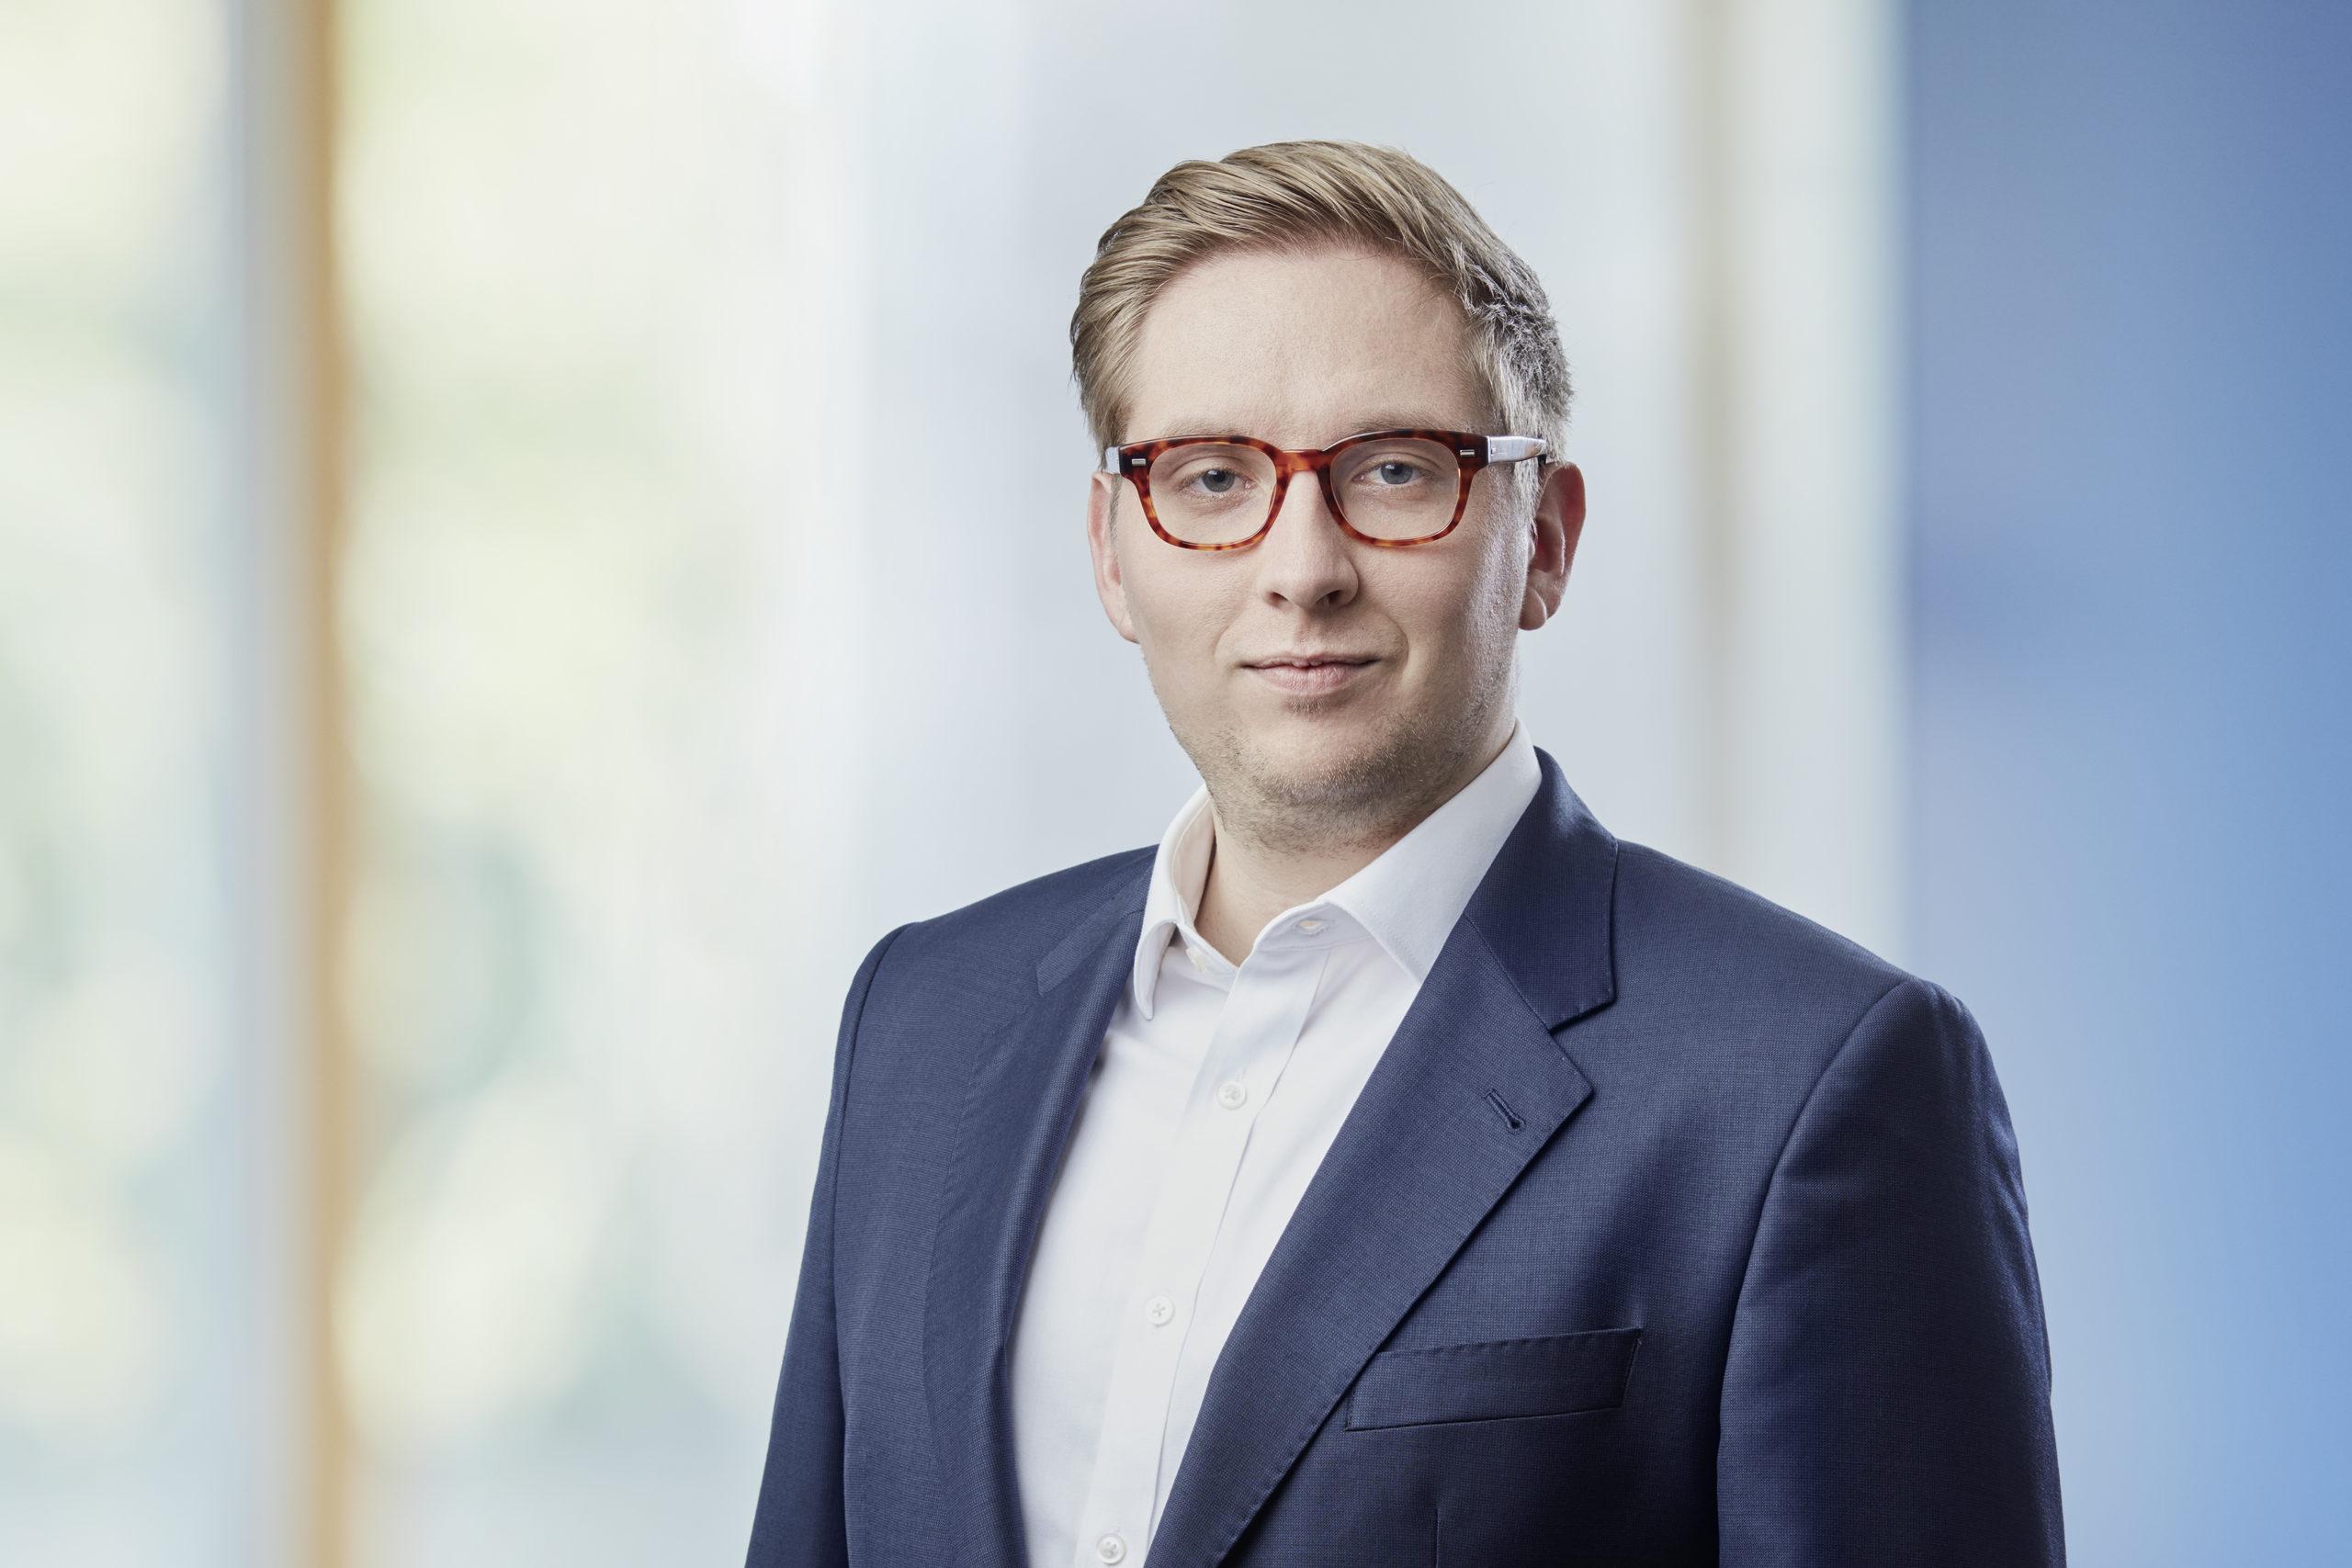 Florian Ismer